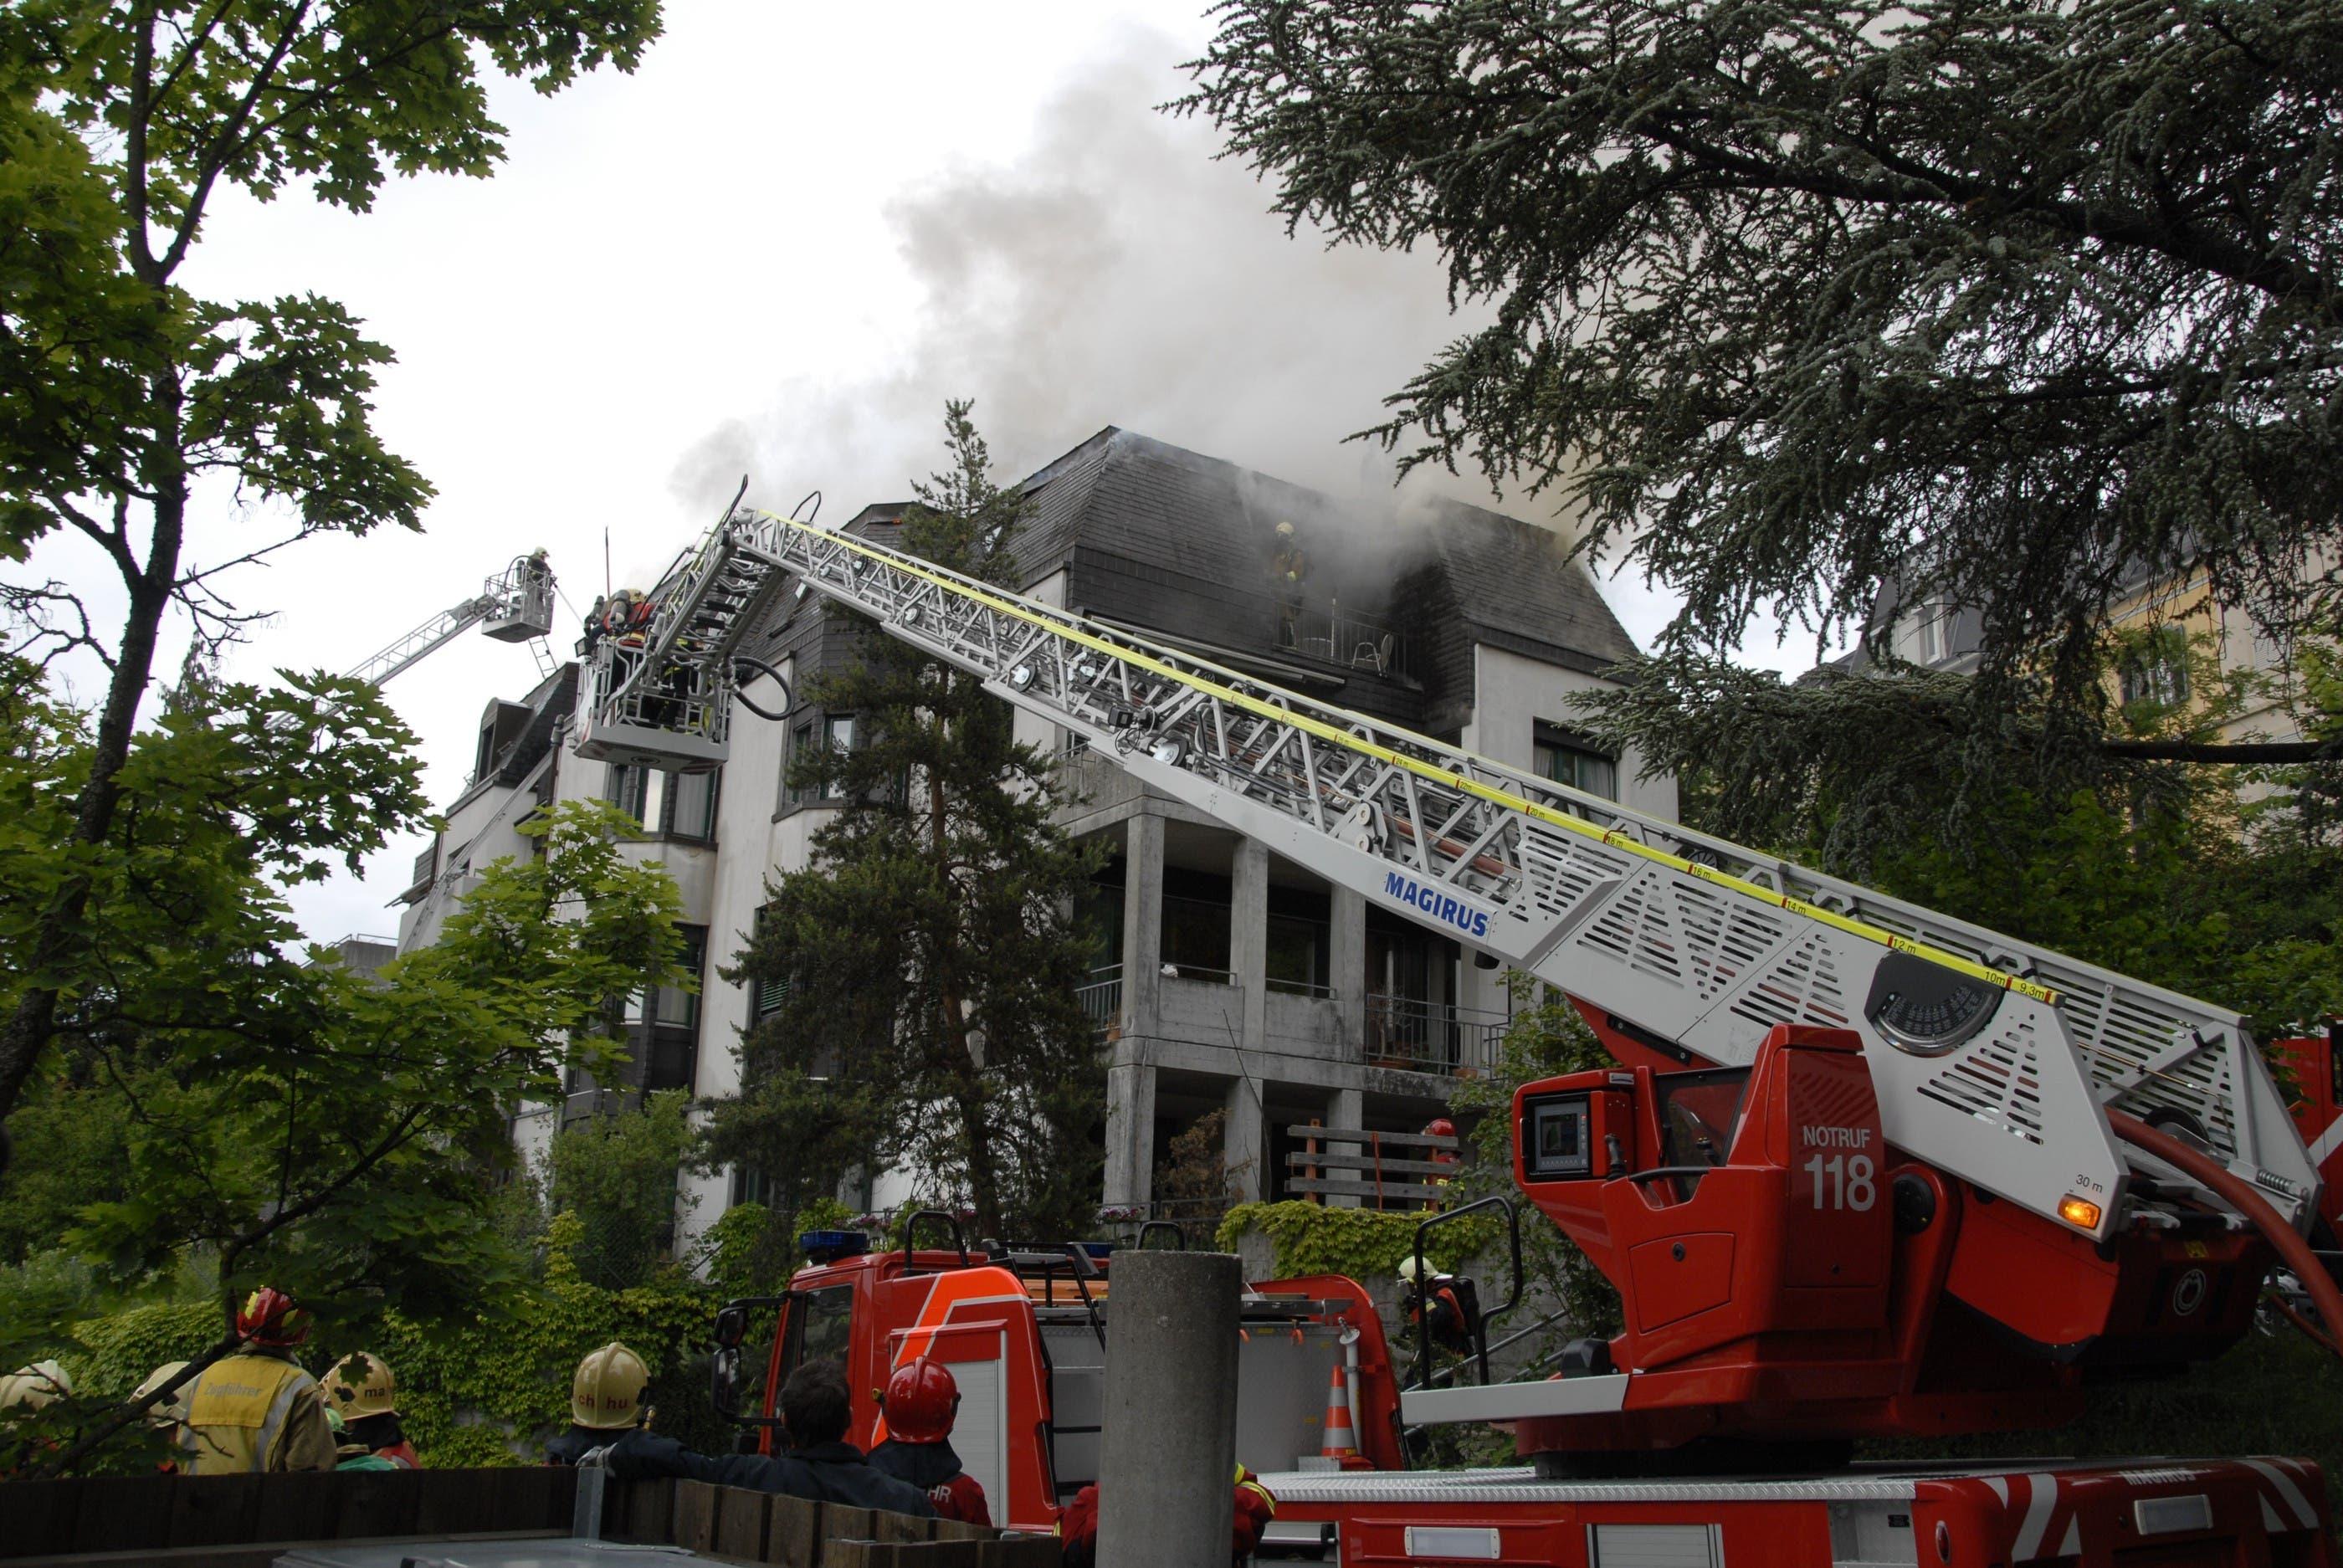 Dachstockbrand am Dalmazirain in Bern